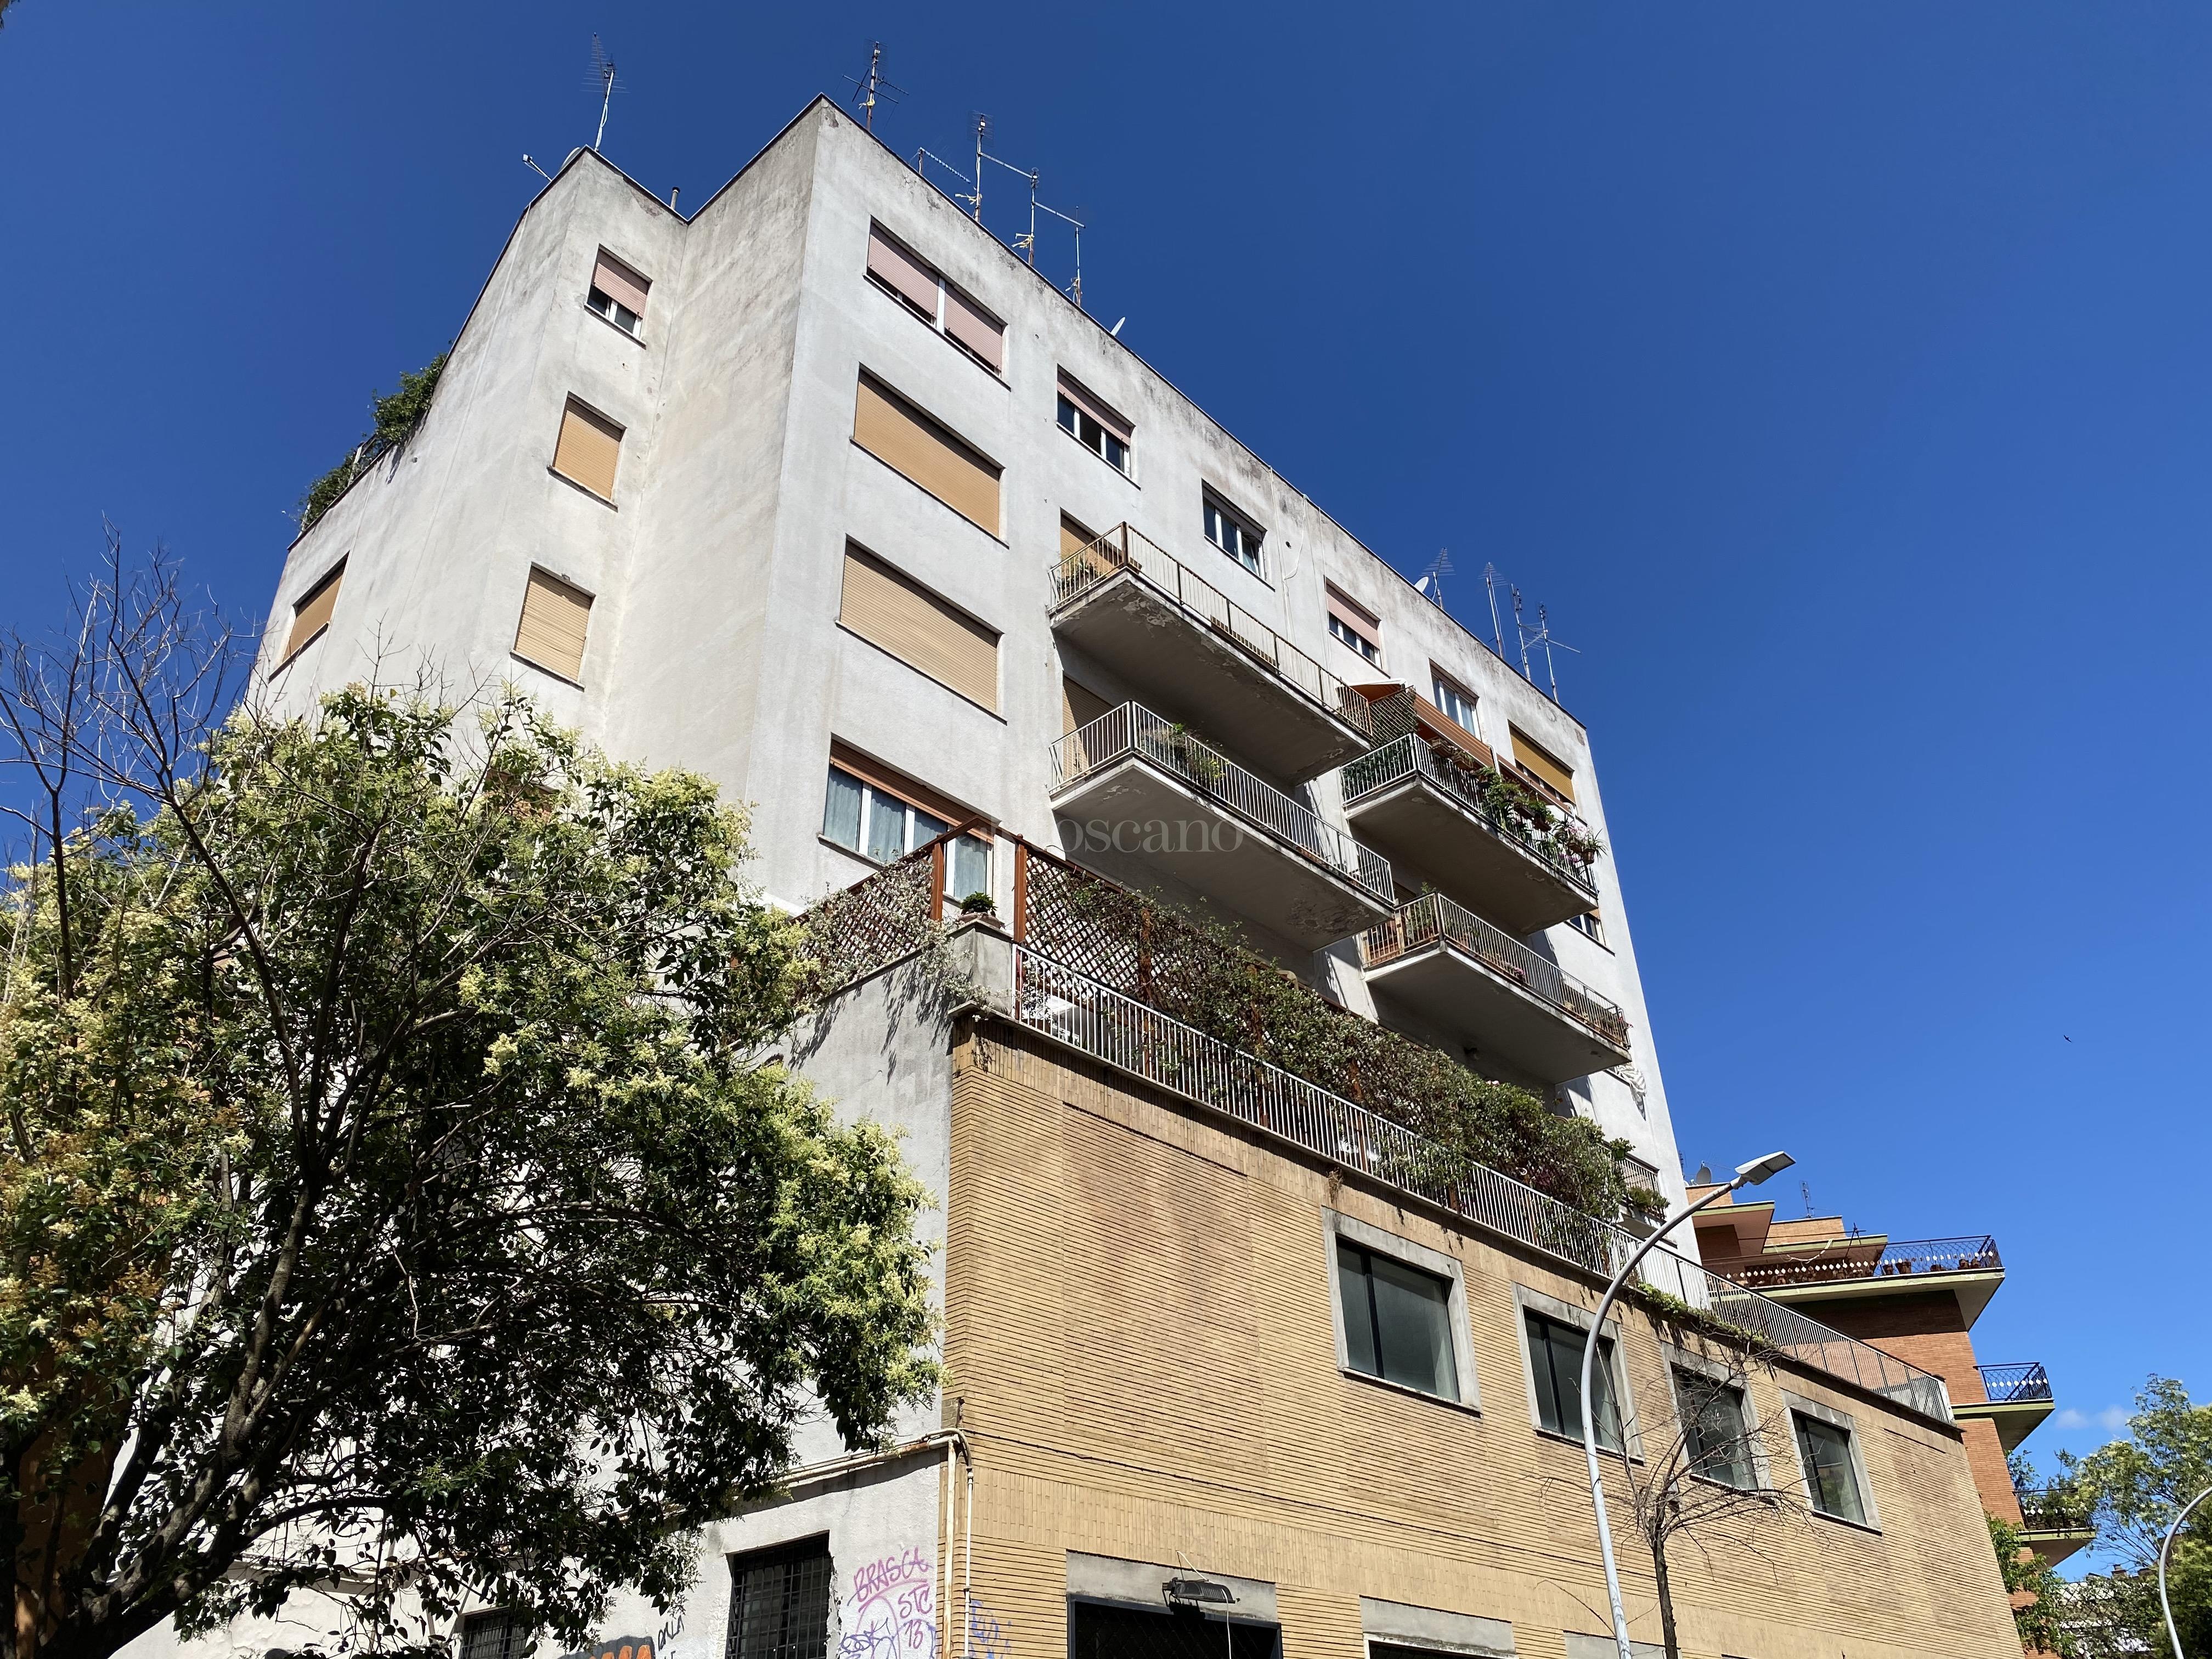 Casa in vendita di 160 mq a €485.000 (rif. 15/2020)